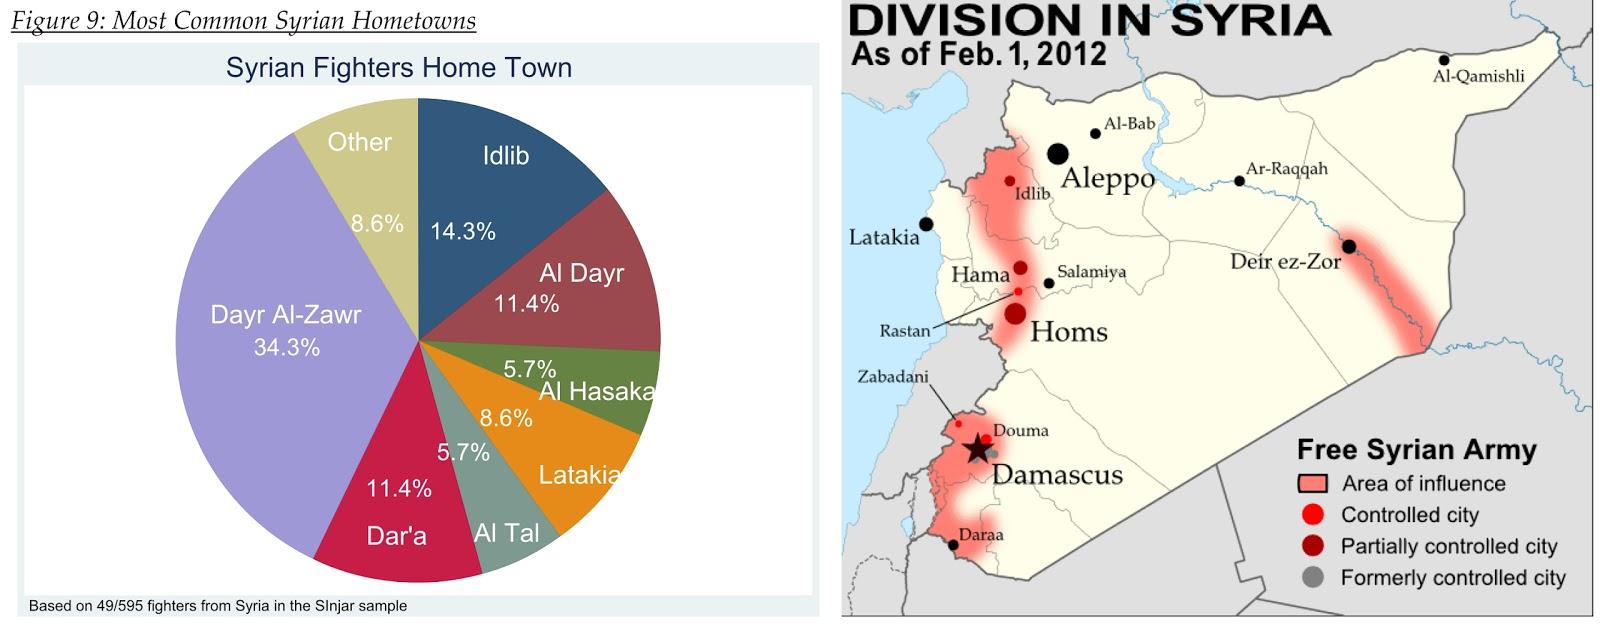 surreal us troops stage in jordan to defend al qaeda in syria poorrichards blog